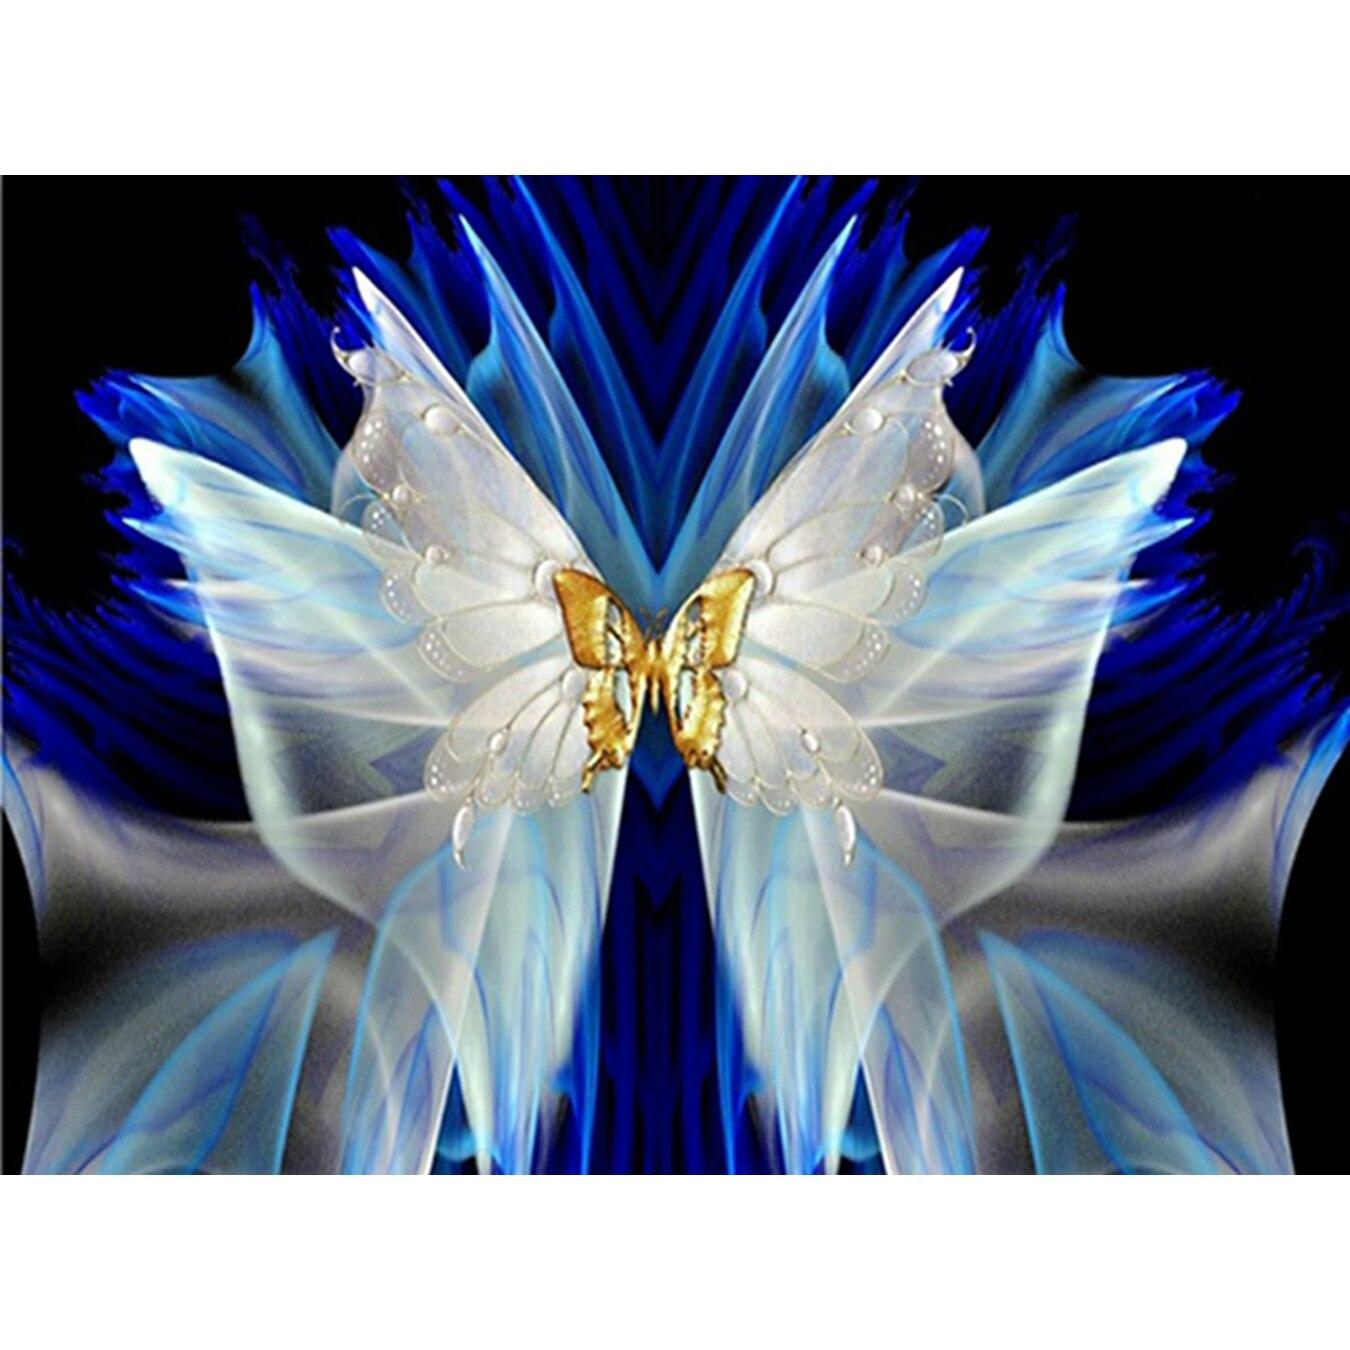 YTG Mariposa Costura Bordado 5D DIY Sala de Pintura de Diamante - Artes, artesanía y costura